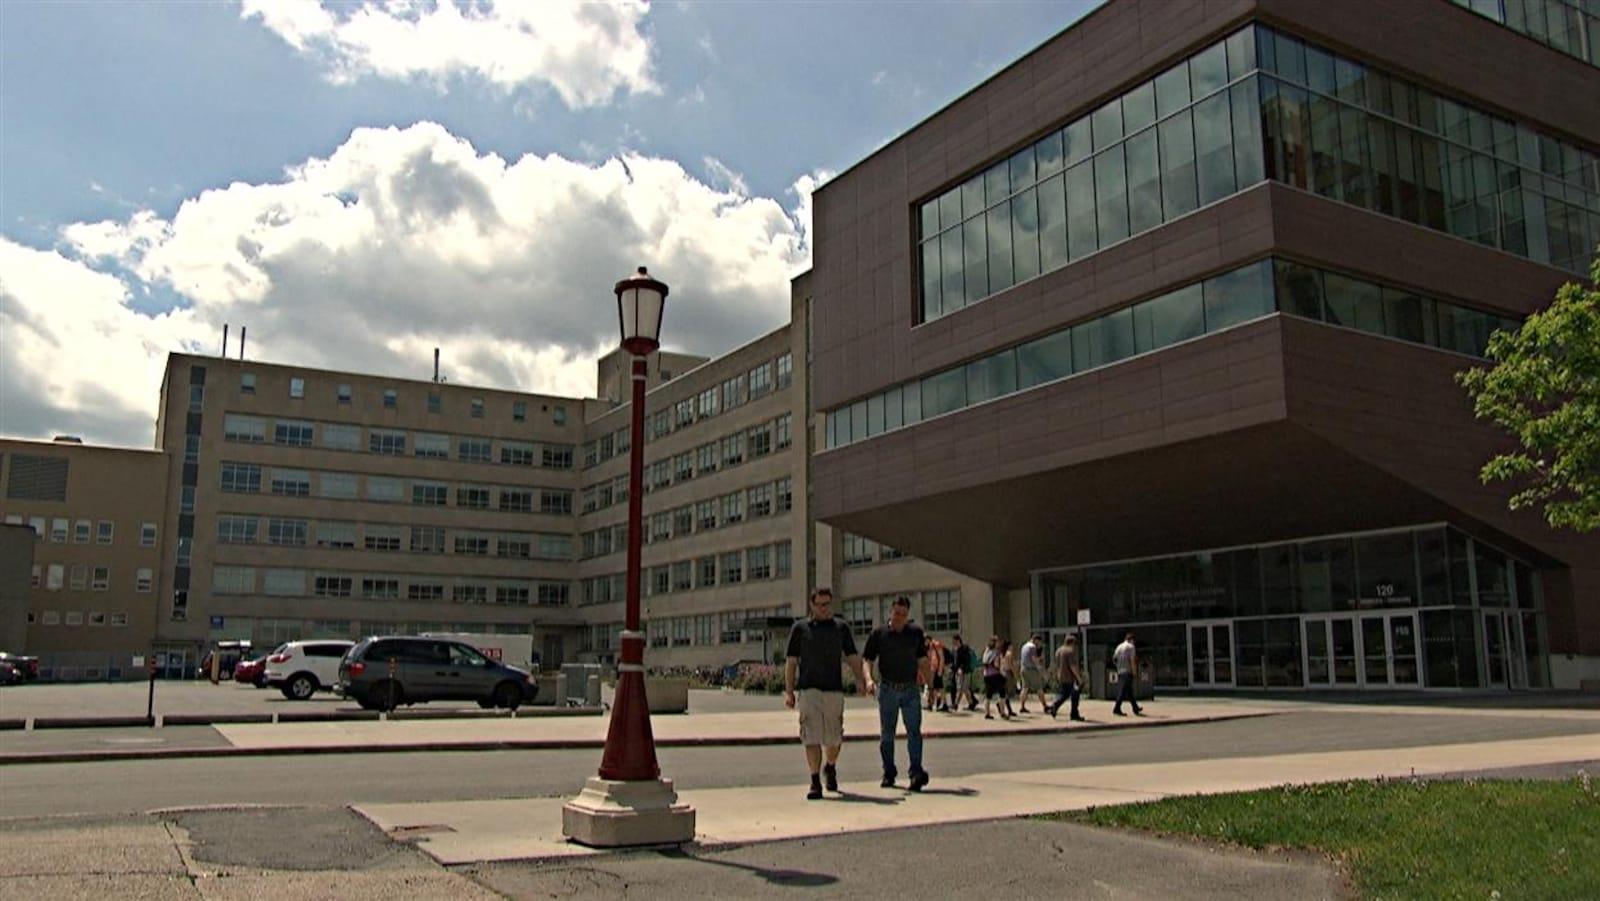 Des étudiants marchent devant un pavillon de l'université.